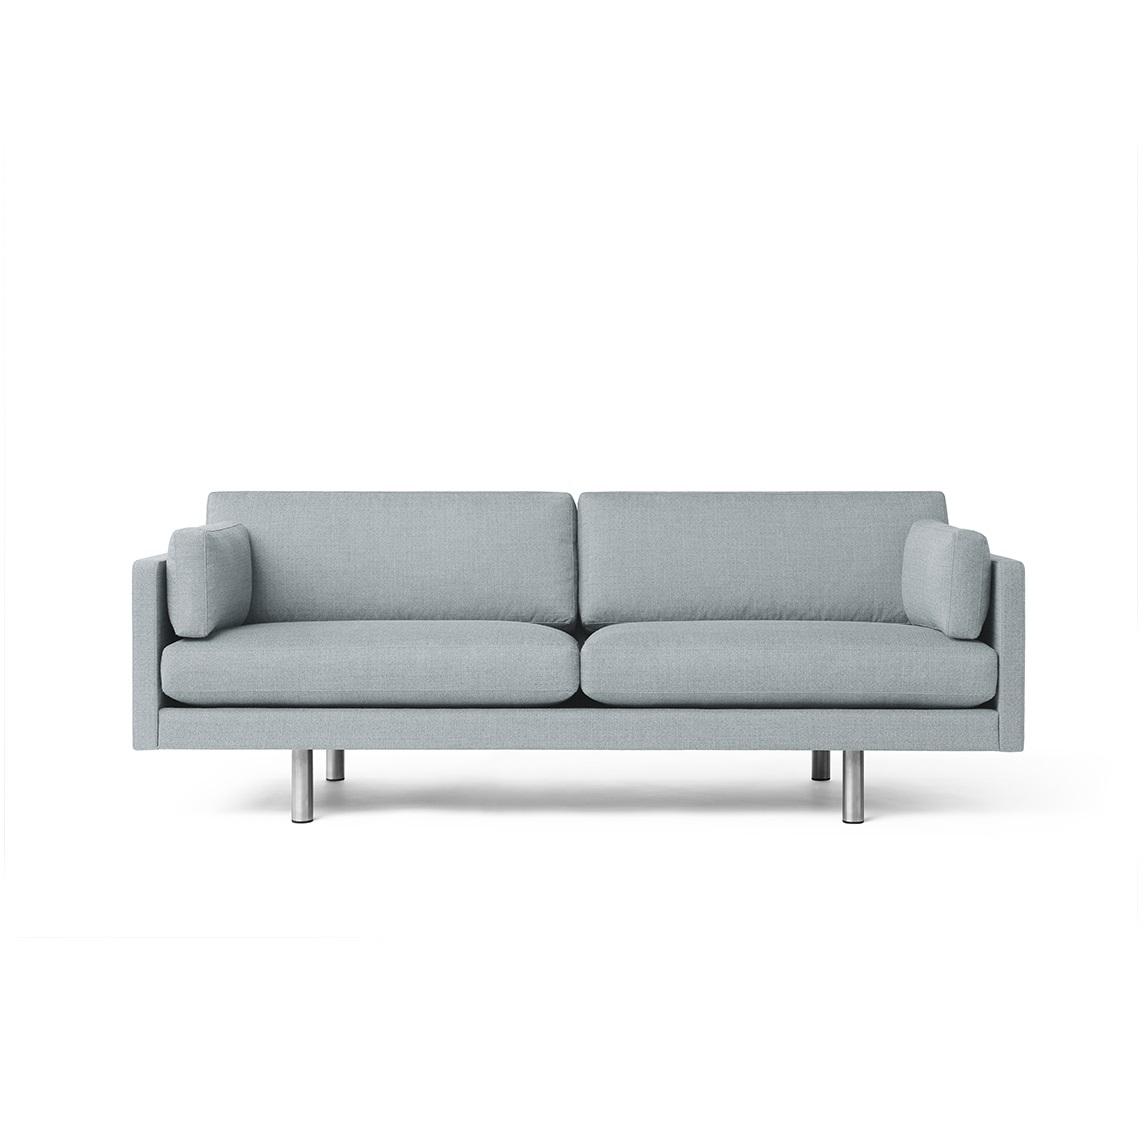 Ej220 Sofa Stofpolstret Fra Erik Jorgensen Flere Varianter Tilbud